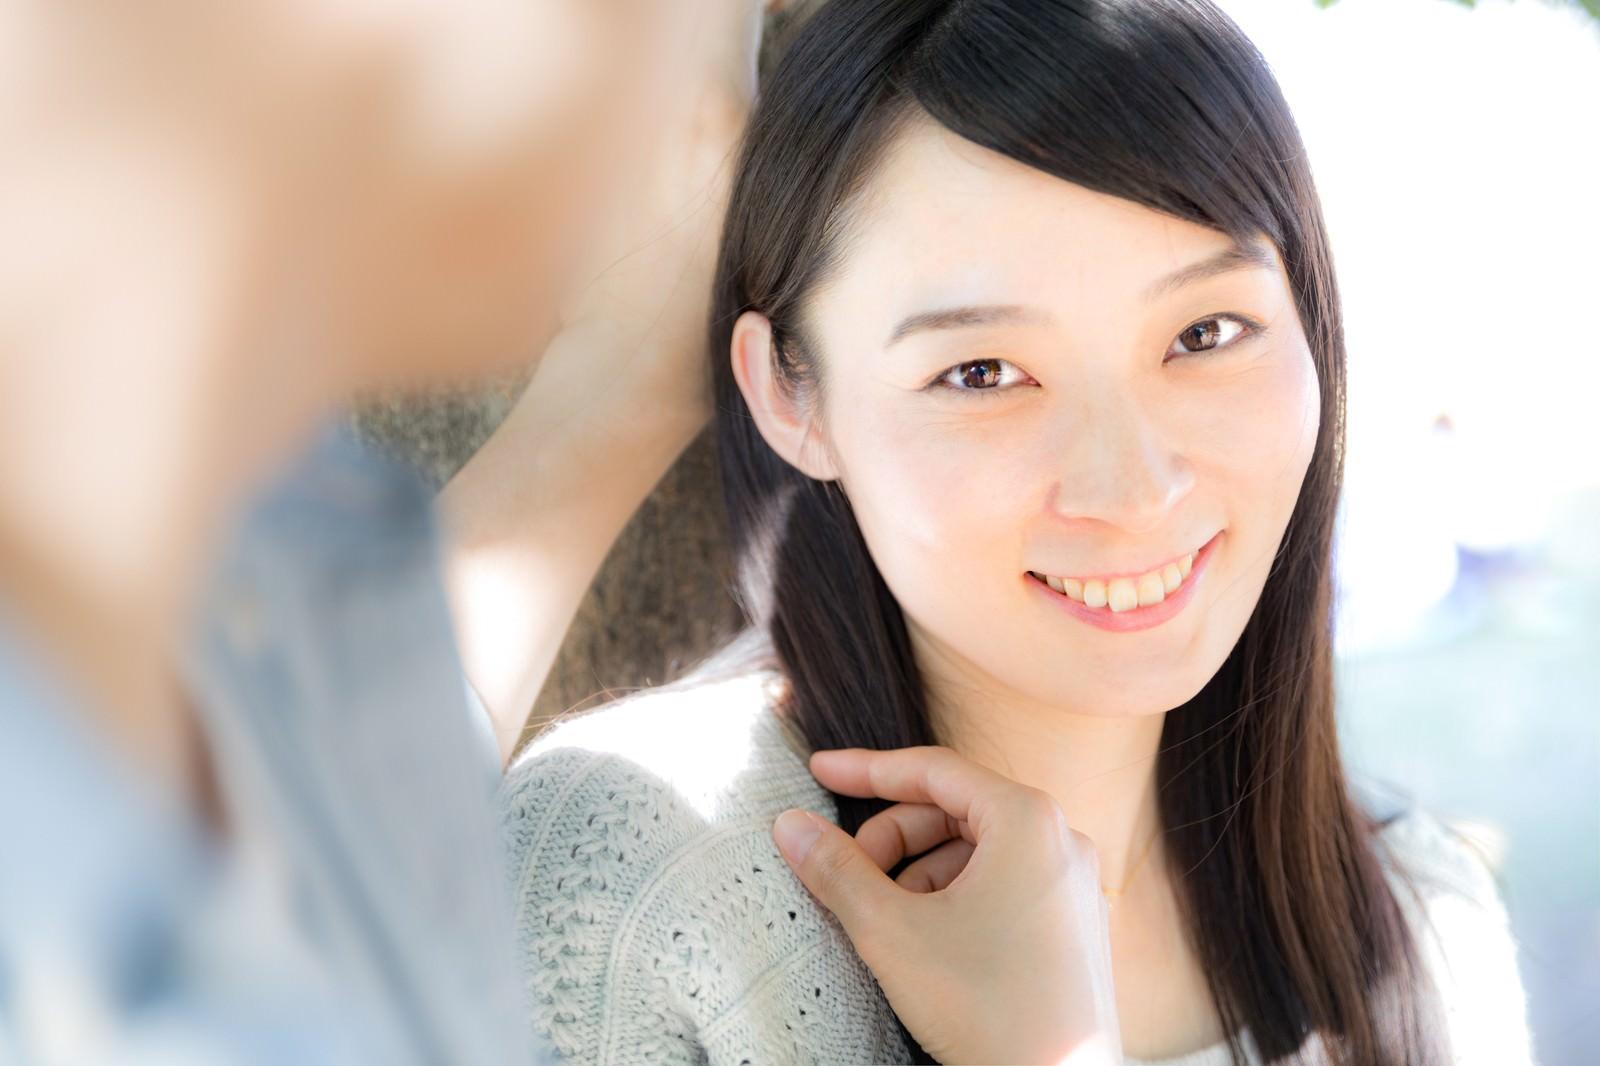 「彼氏の壁ドンに思わずニッコリ女子彼氏の壁ドンに思わずニッコリ女子」[モデル:たけべともこ]のフリー写真素材を拡大